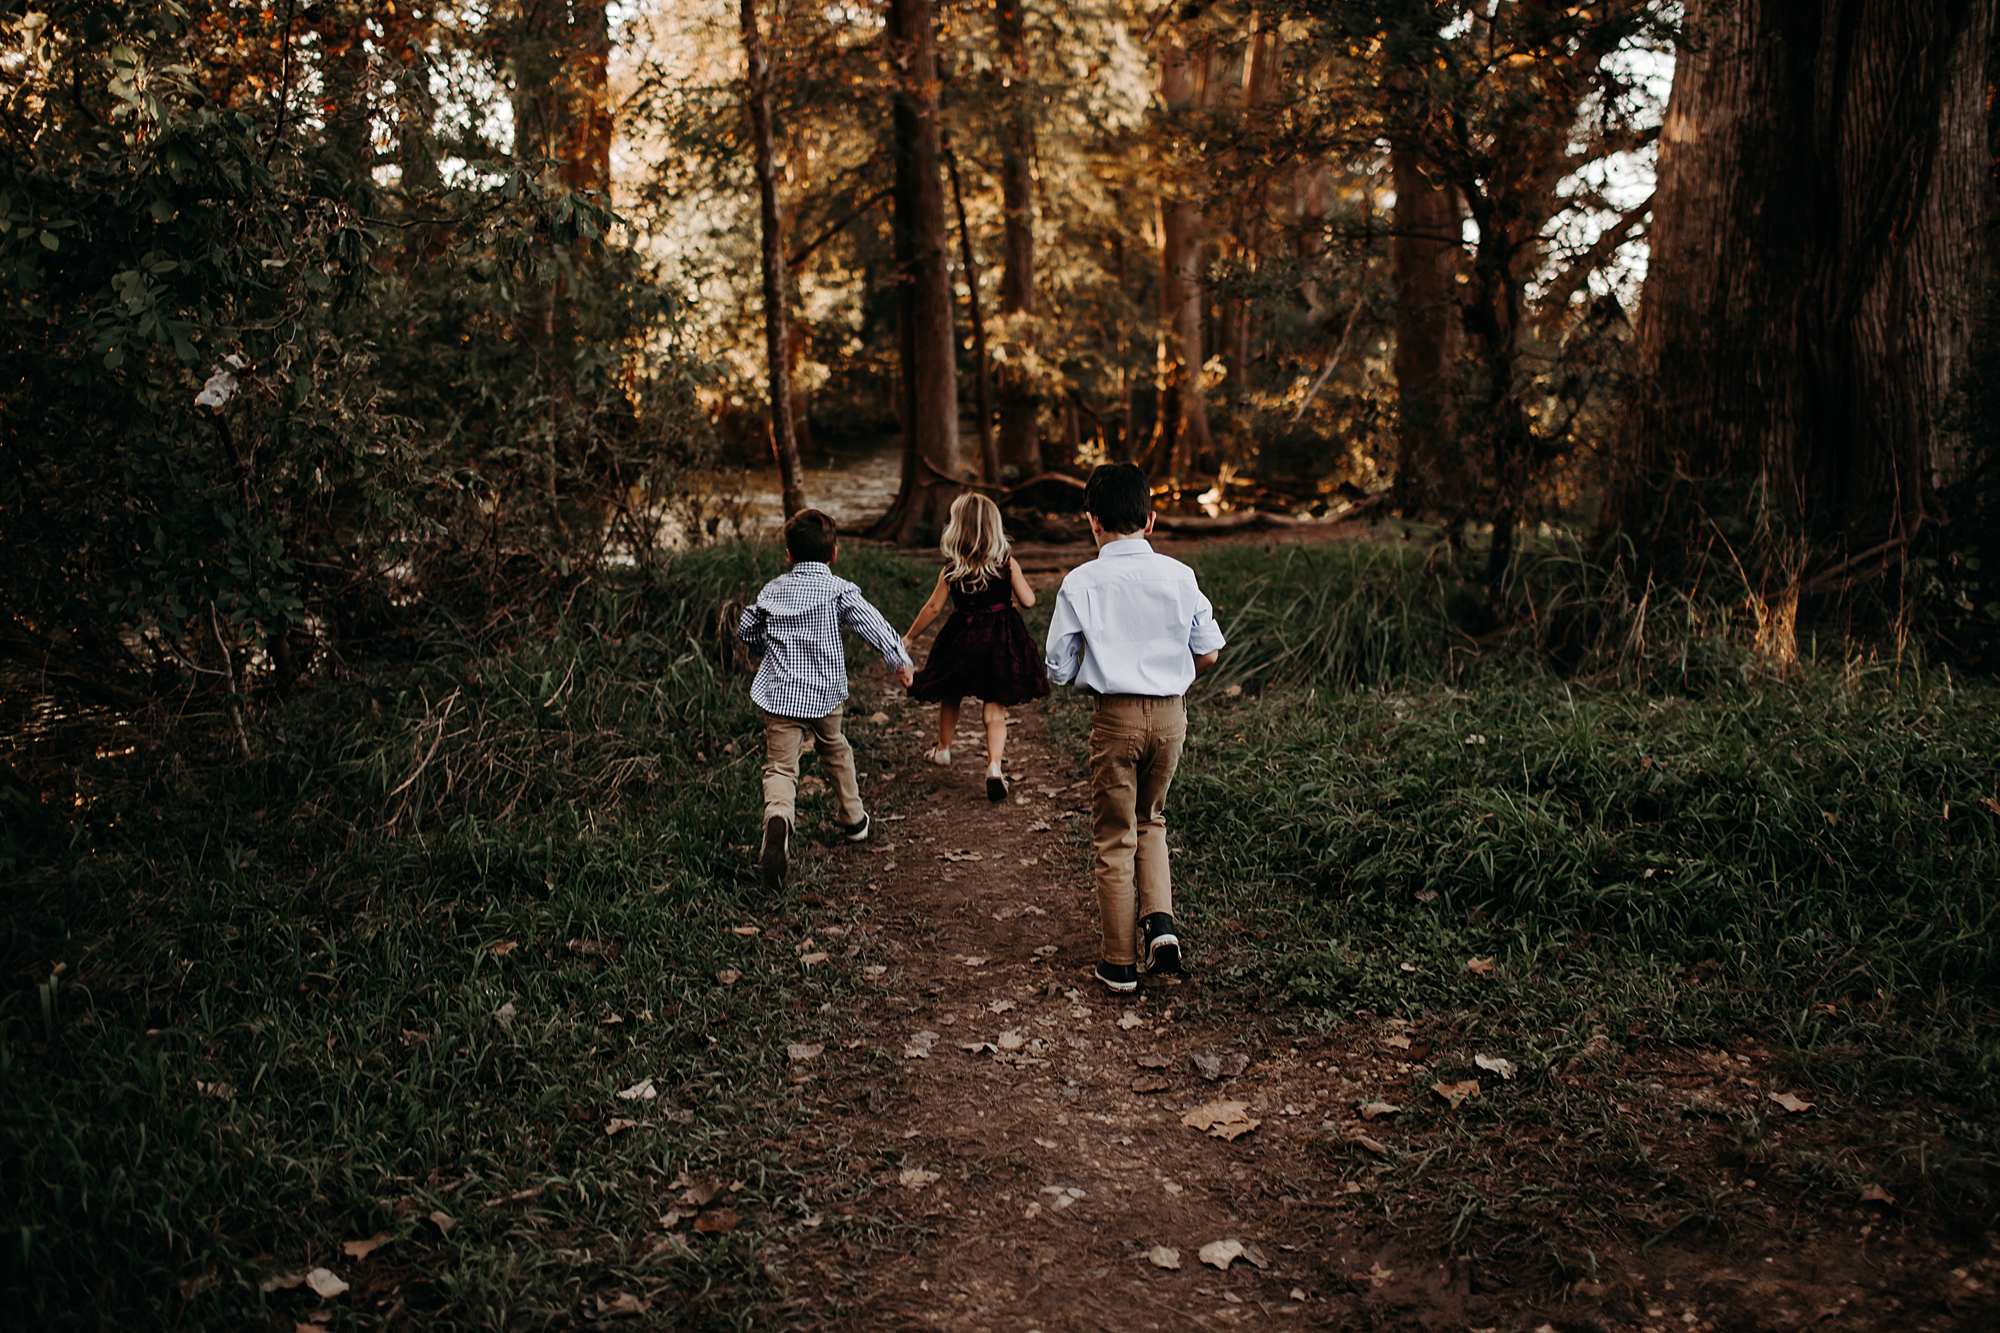 Perkins-San-Antonio-Family-Photographer-16_WEB.jpg